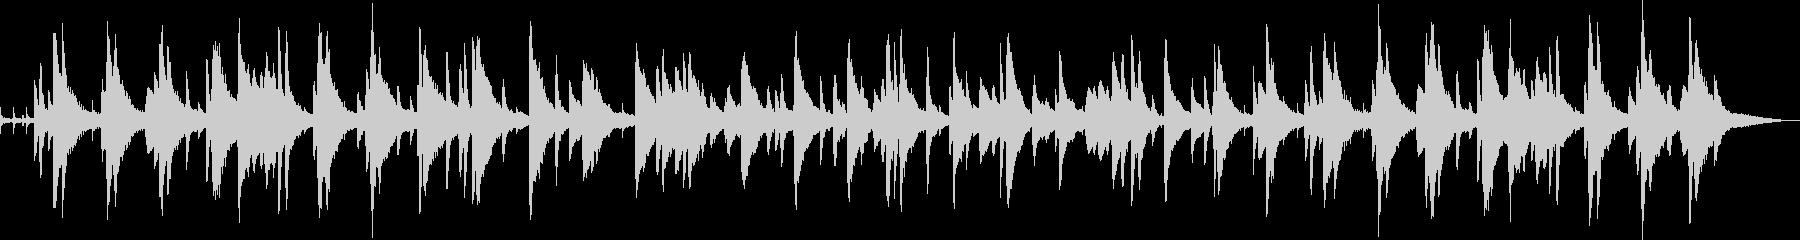 お洒落なジャズピアノトリオ7 バラードの未再生の波形